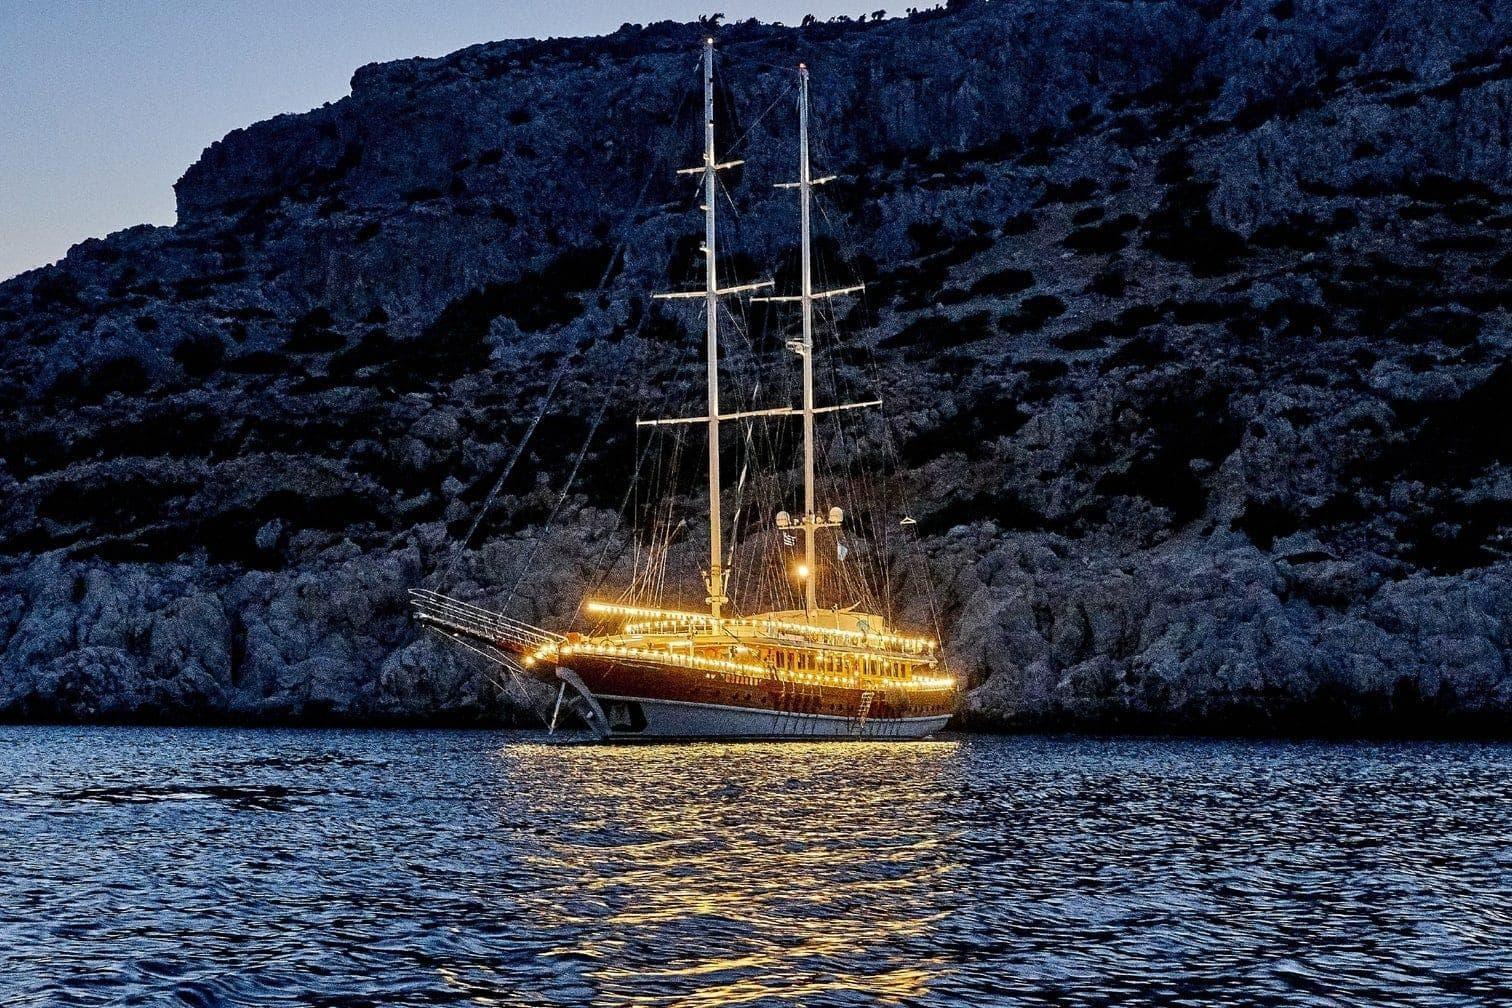 <p>Und auch bei Nacht wirkt das Schiff romantisch.</p> Foto: MG RTL D